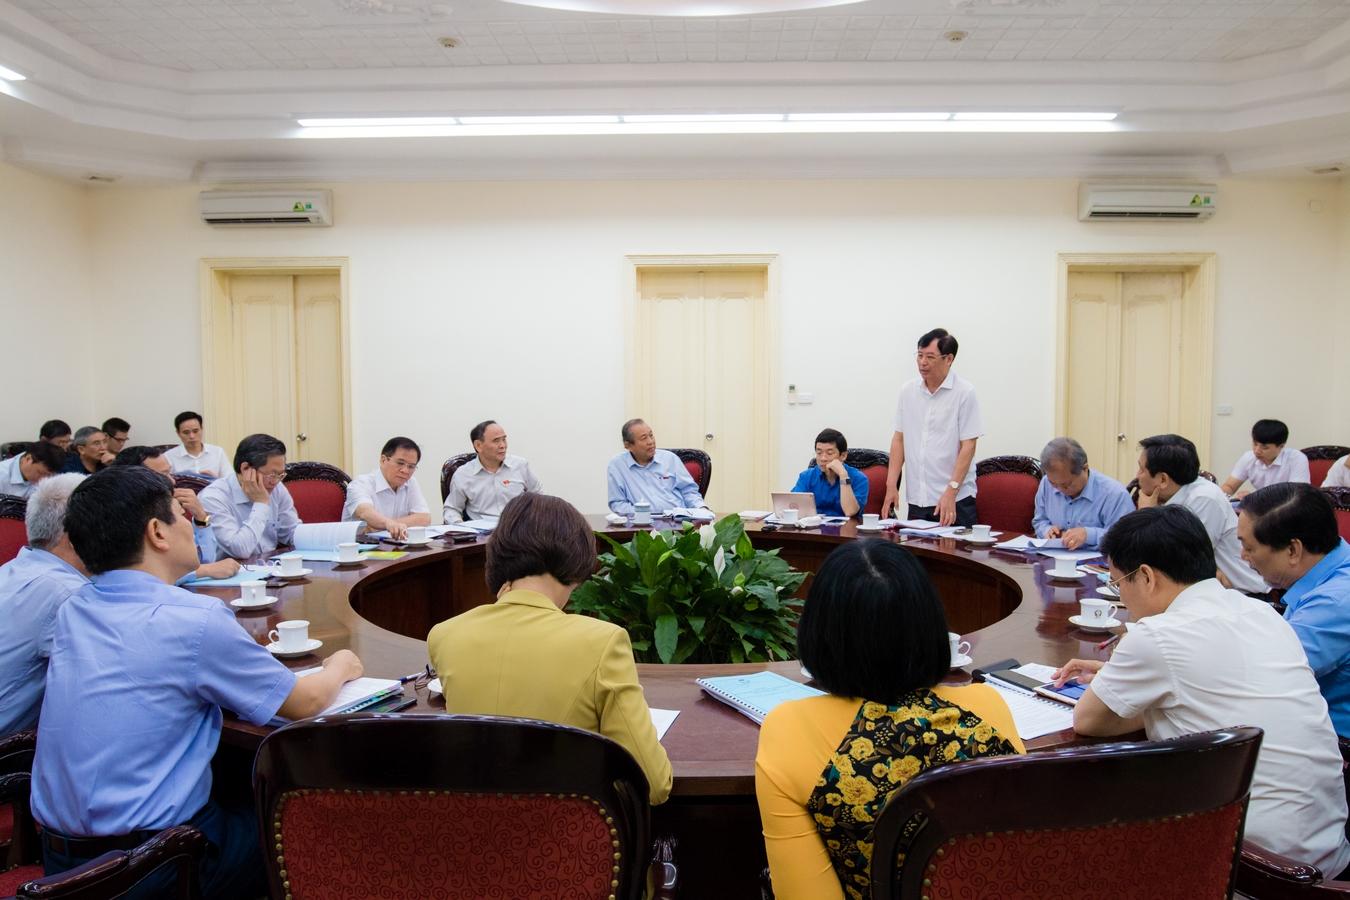 Phó Thủ tướng Thường trực Trương Hòa Bình làm việc với Hội Luật gia Việt Nam về công tác chuẩn bị tổ chức Đại hội đại biểu toàn quốc lần thứ XIII (2019-2024) - Ảnh 3